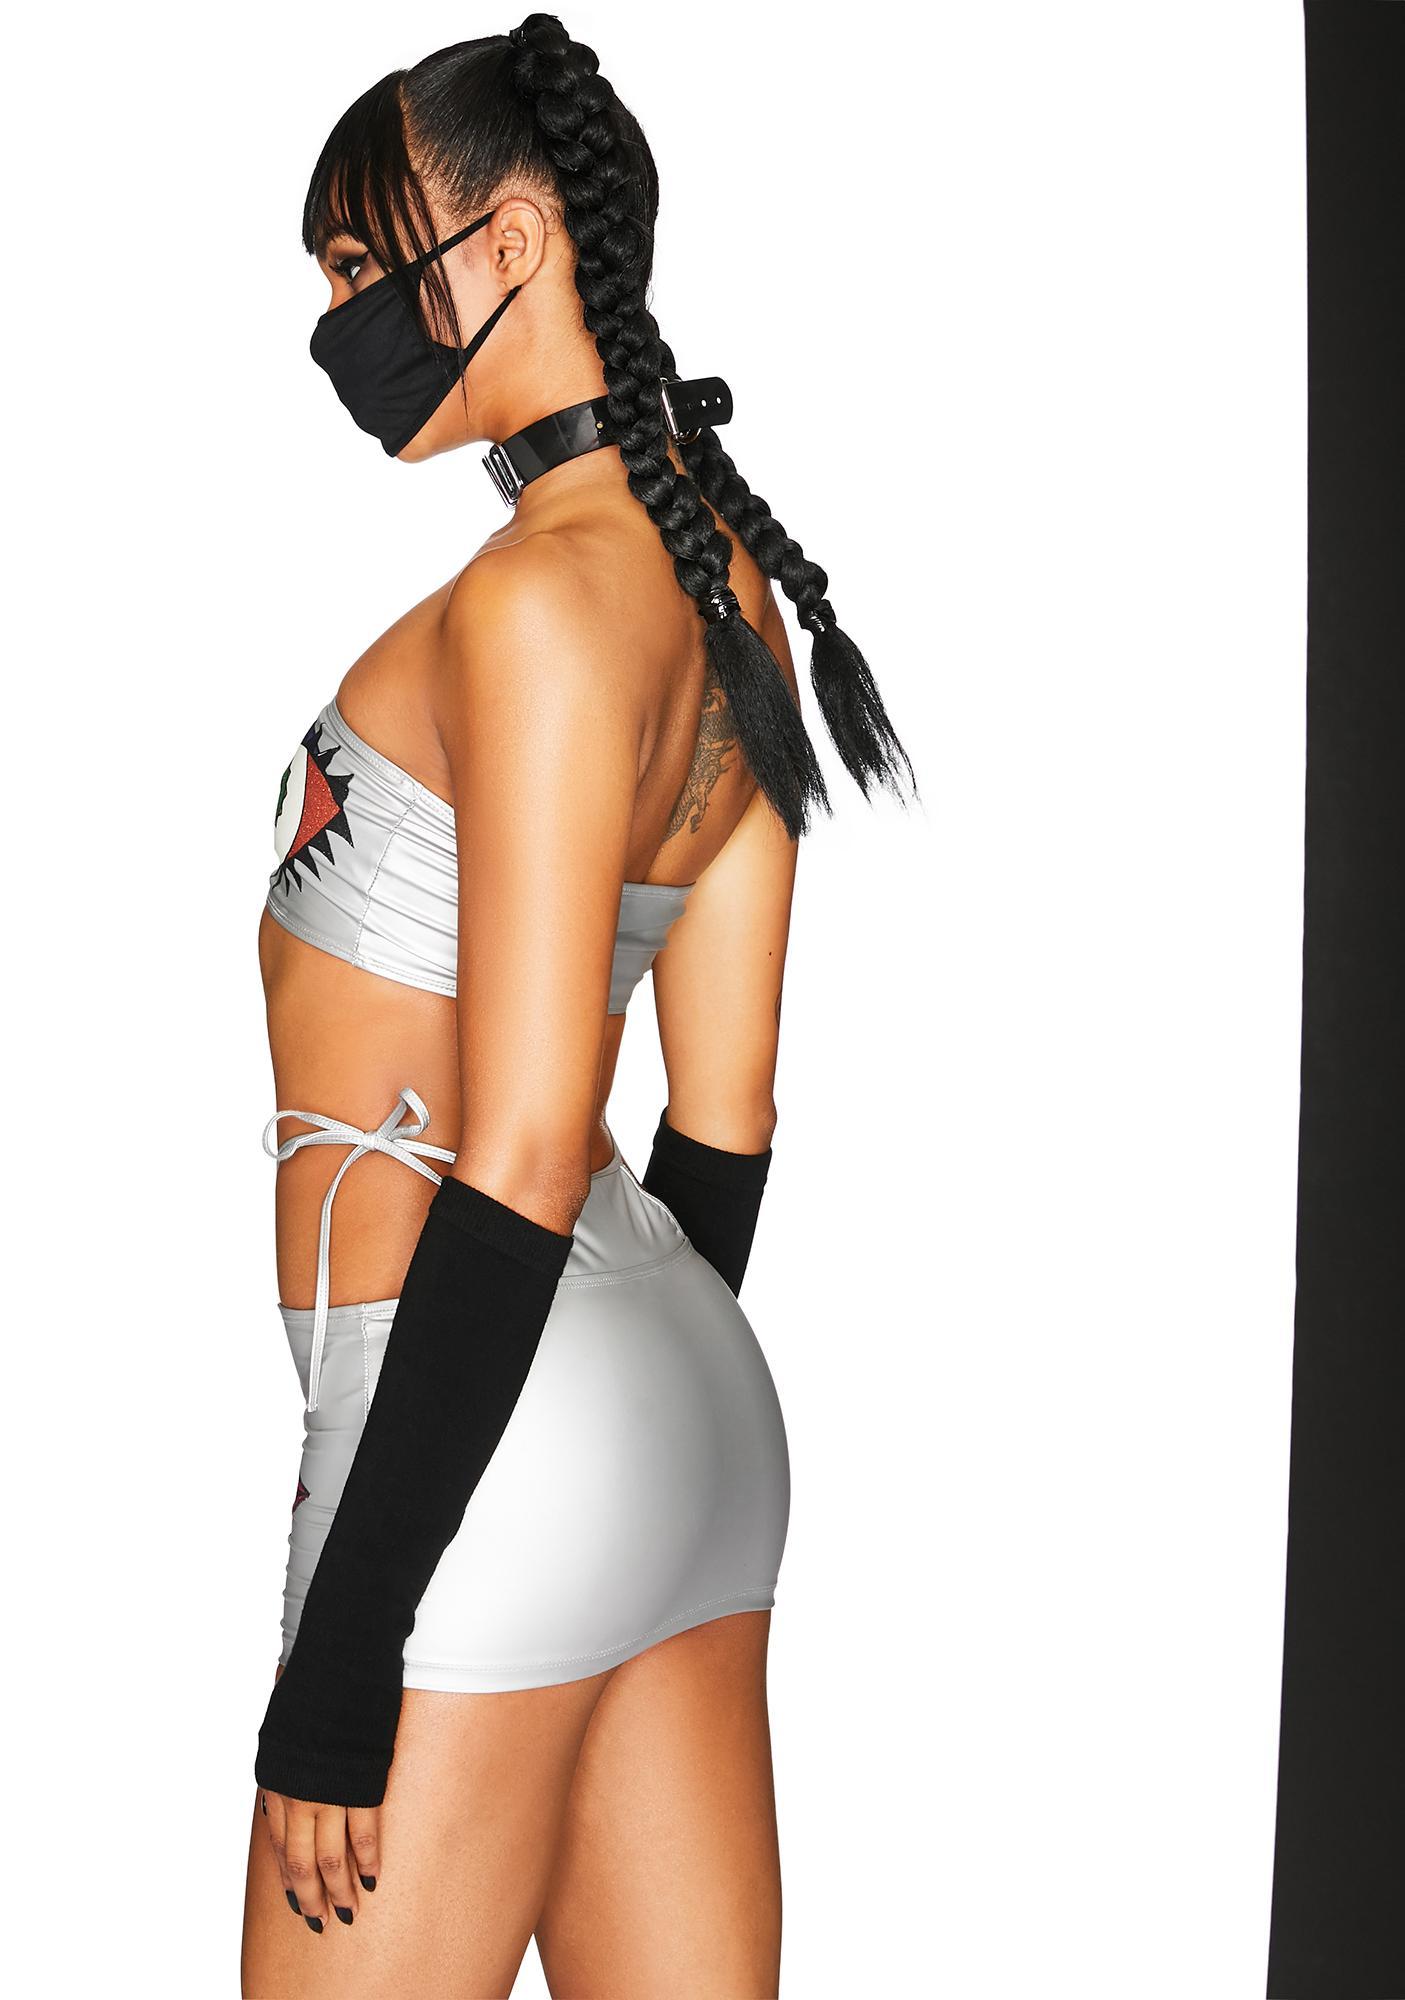 Club Exx Craving Bass Skirt Set